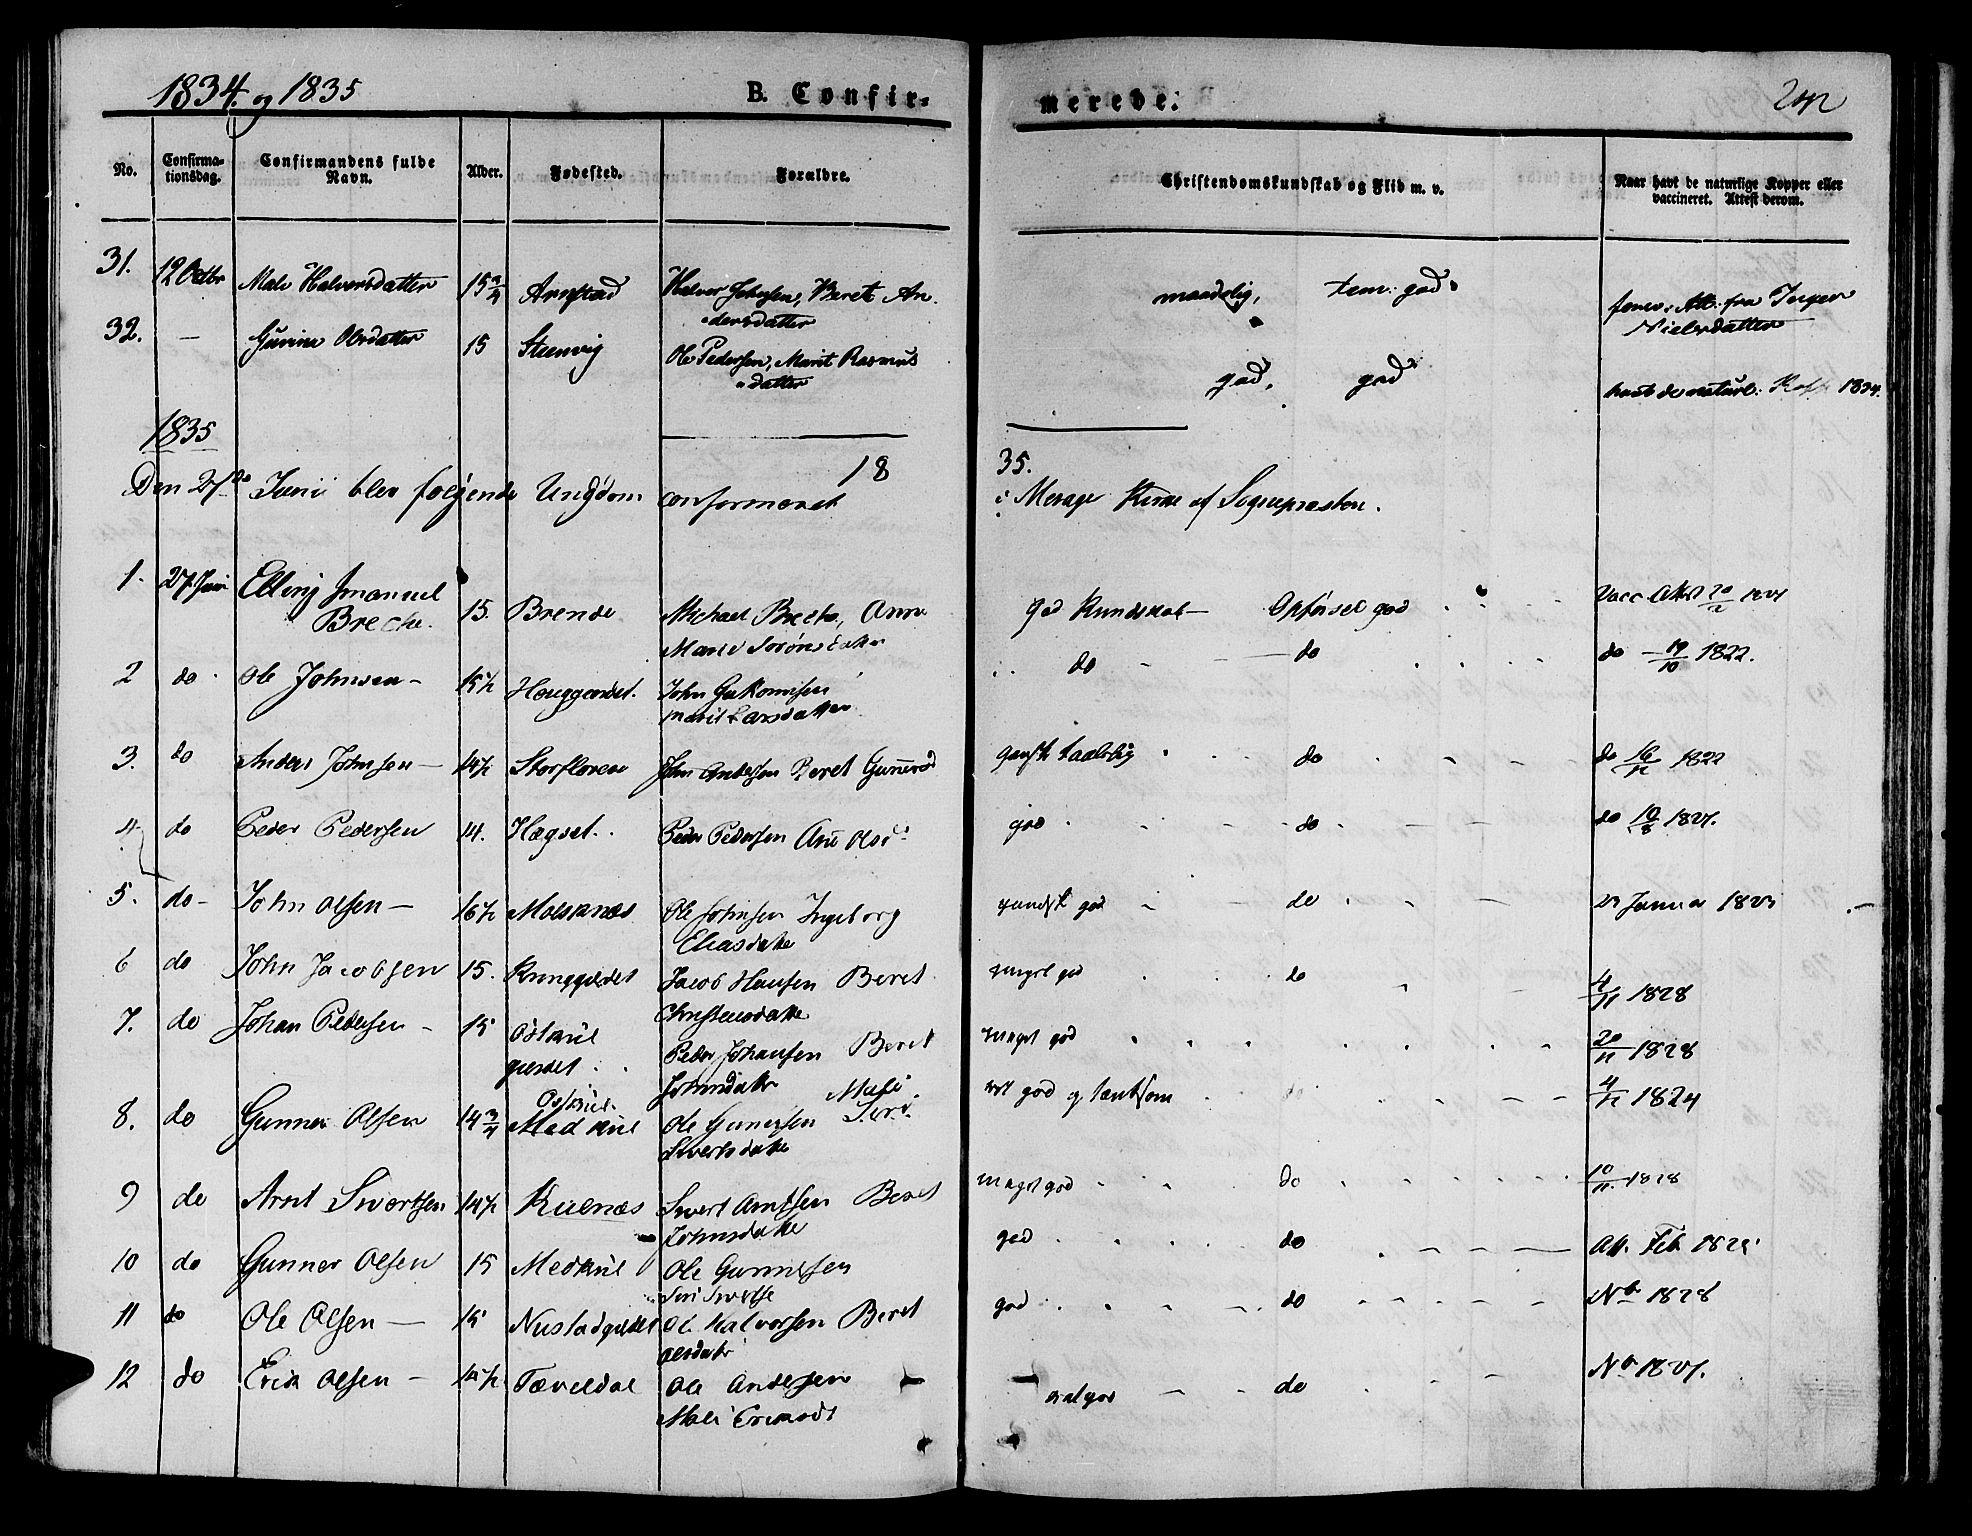 SAT, Ministerialprotokoller, klokkerbøker og fødselsregistre - Nord-Trøndelag, 709/L0071: Ministerialbok nr. 709A11, 1833-1844, s. 242